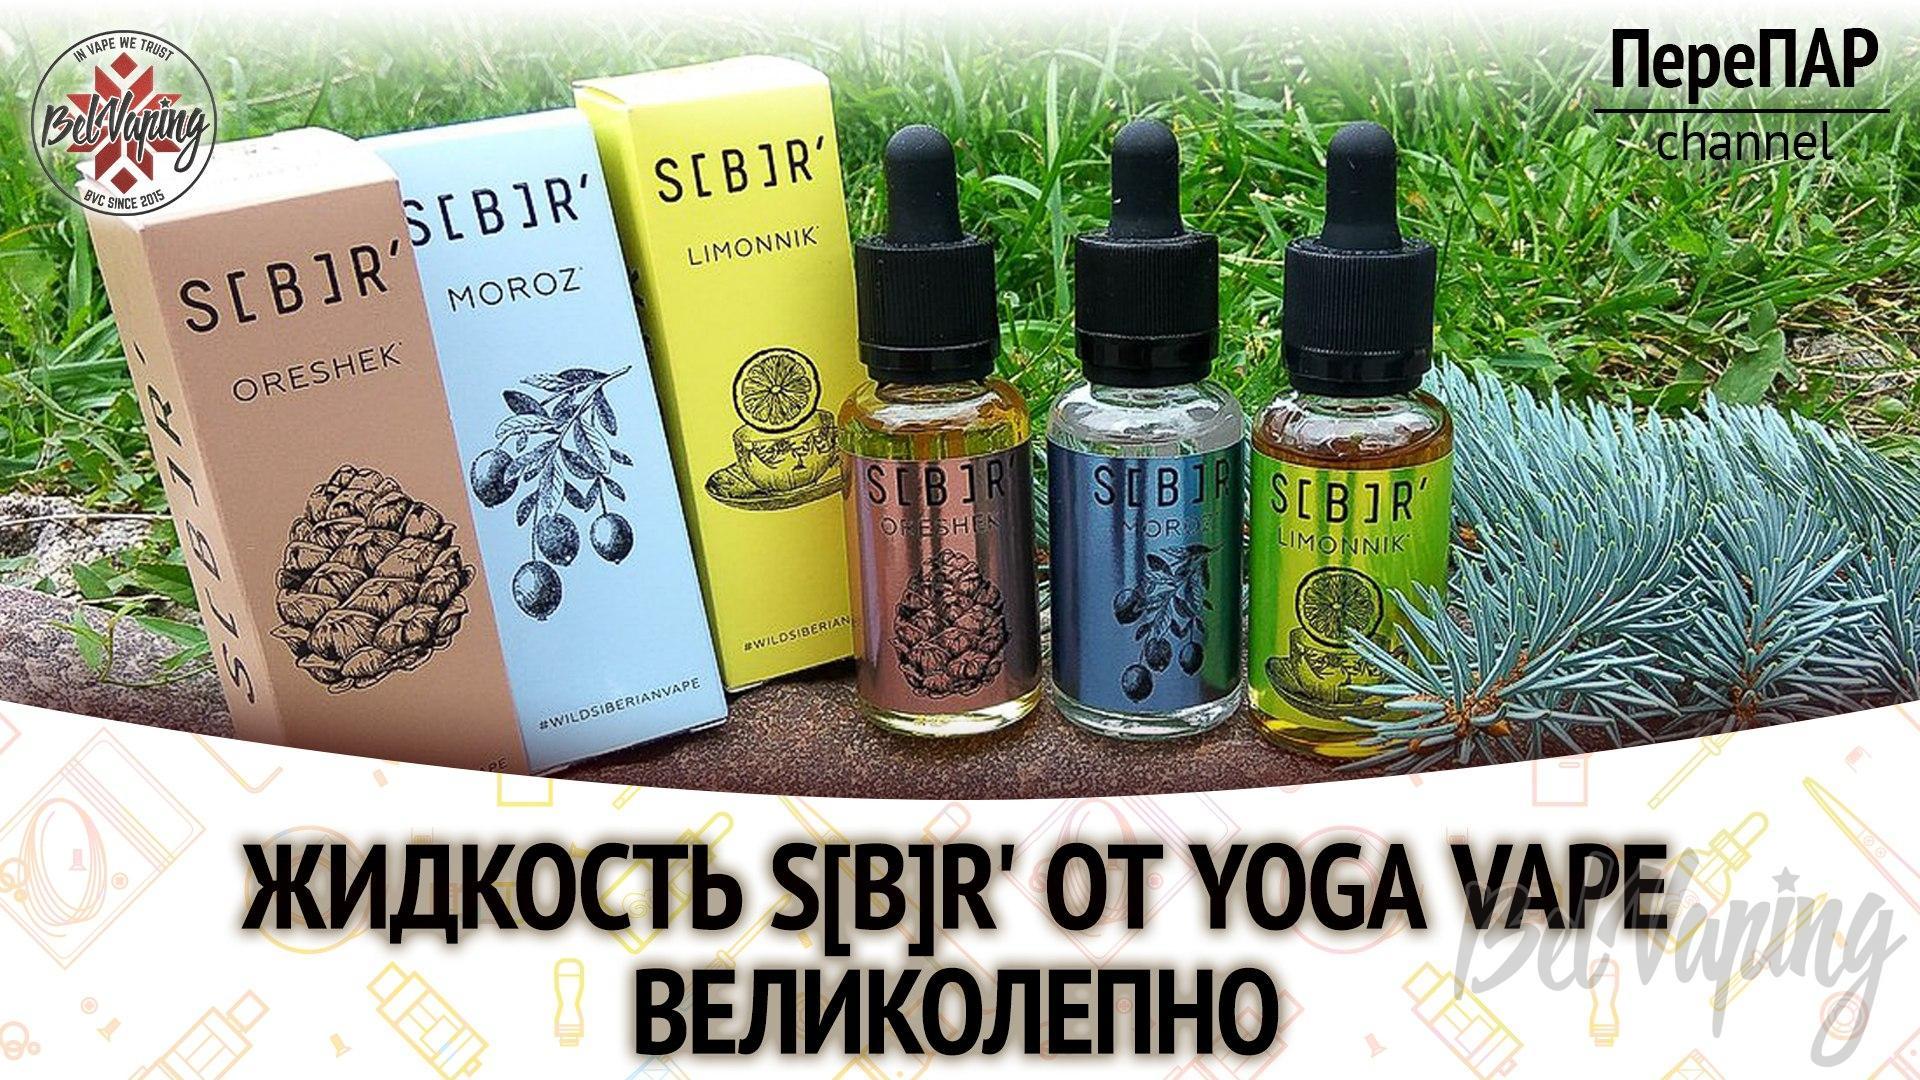 Обзор жидкости S[B]R от Yoga Vape